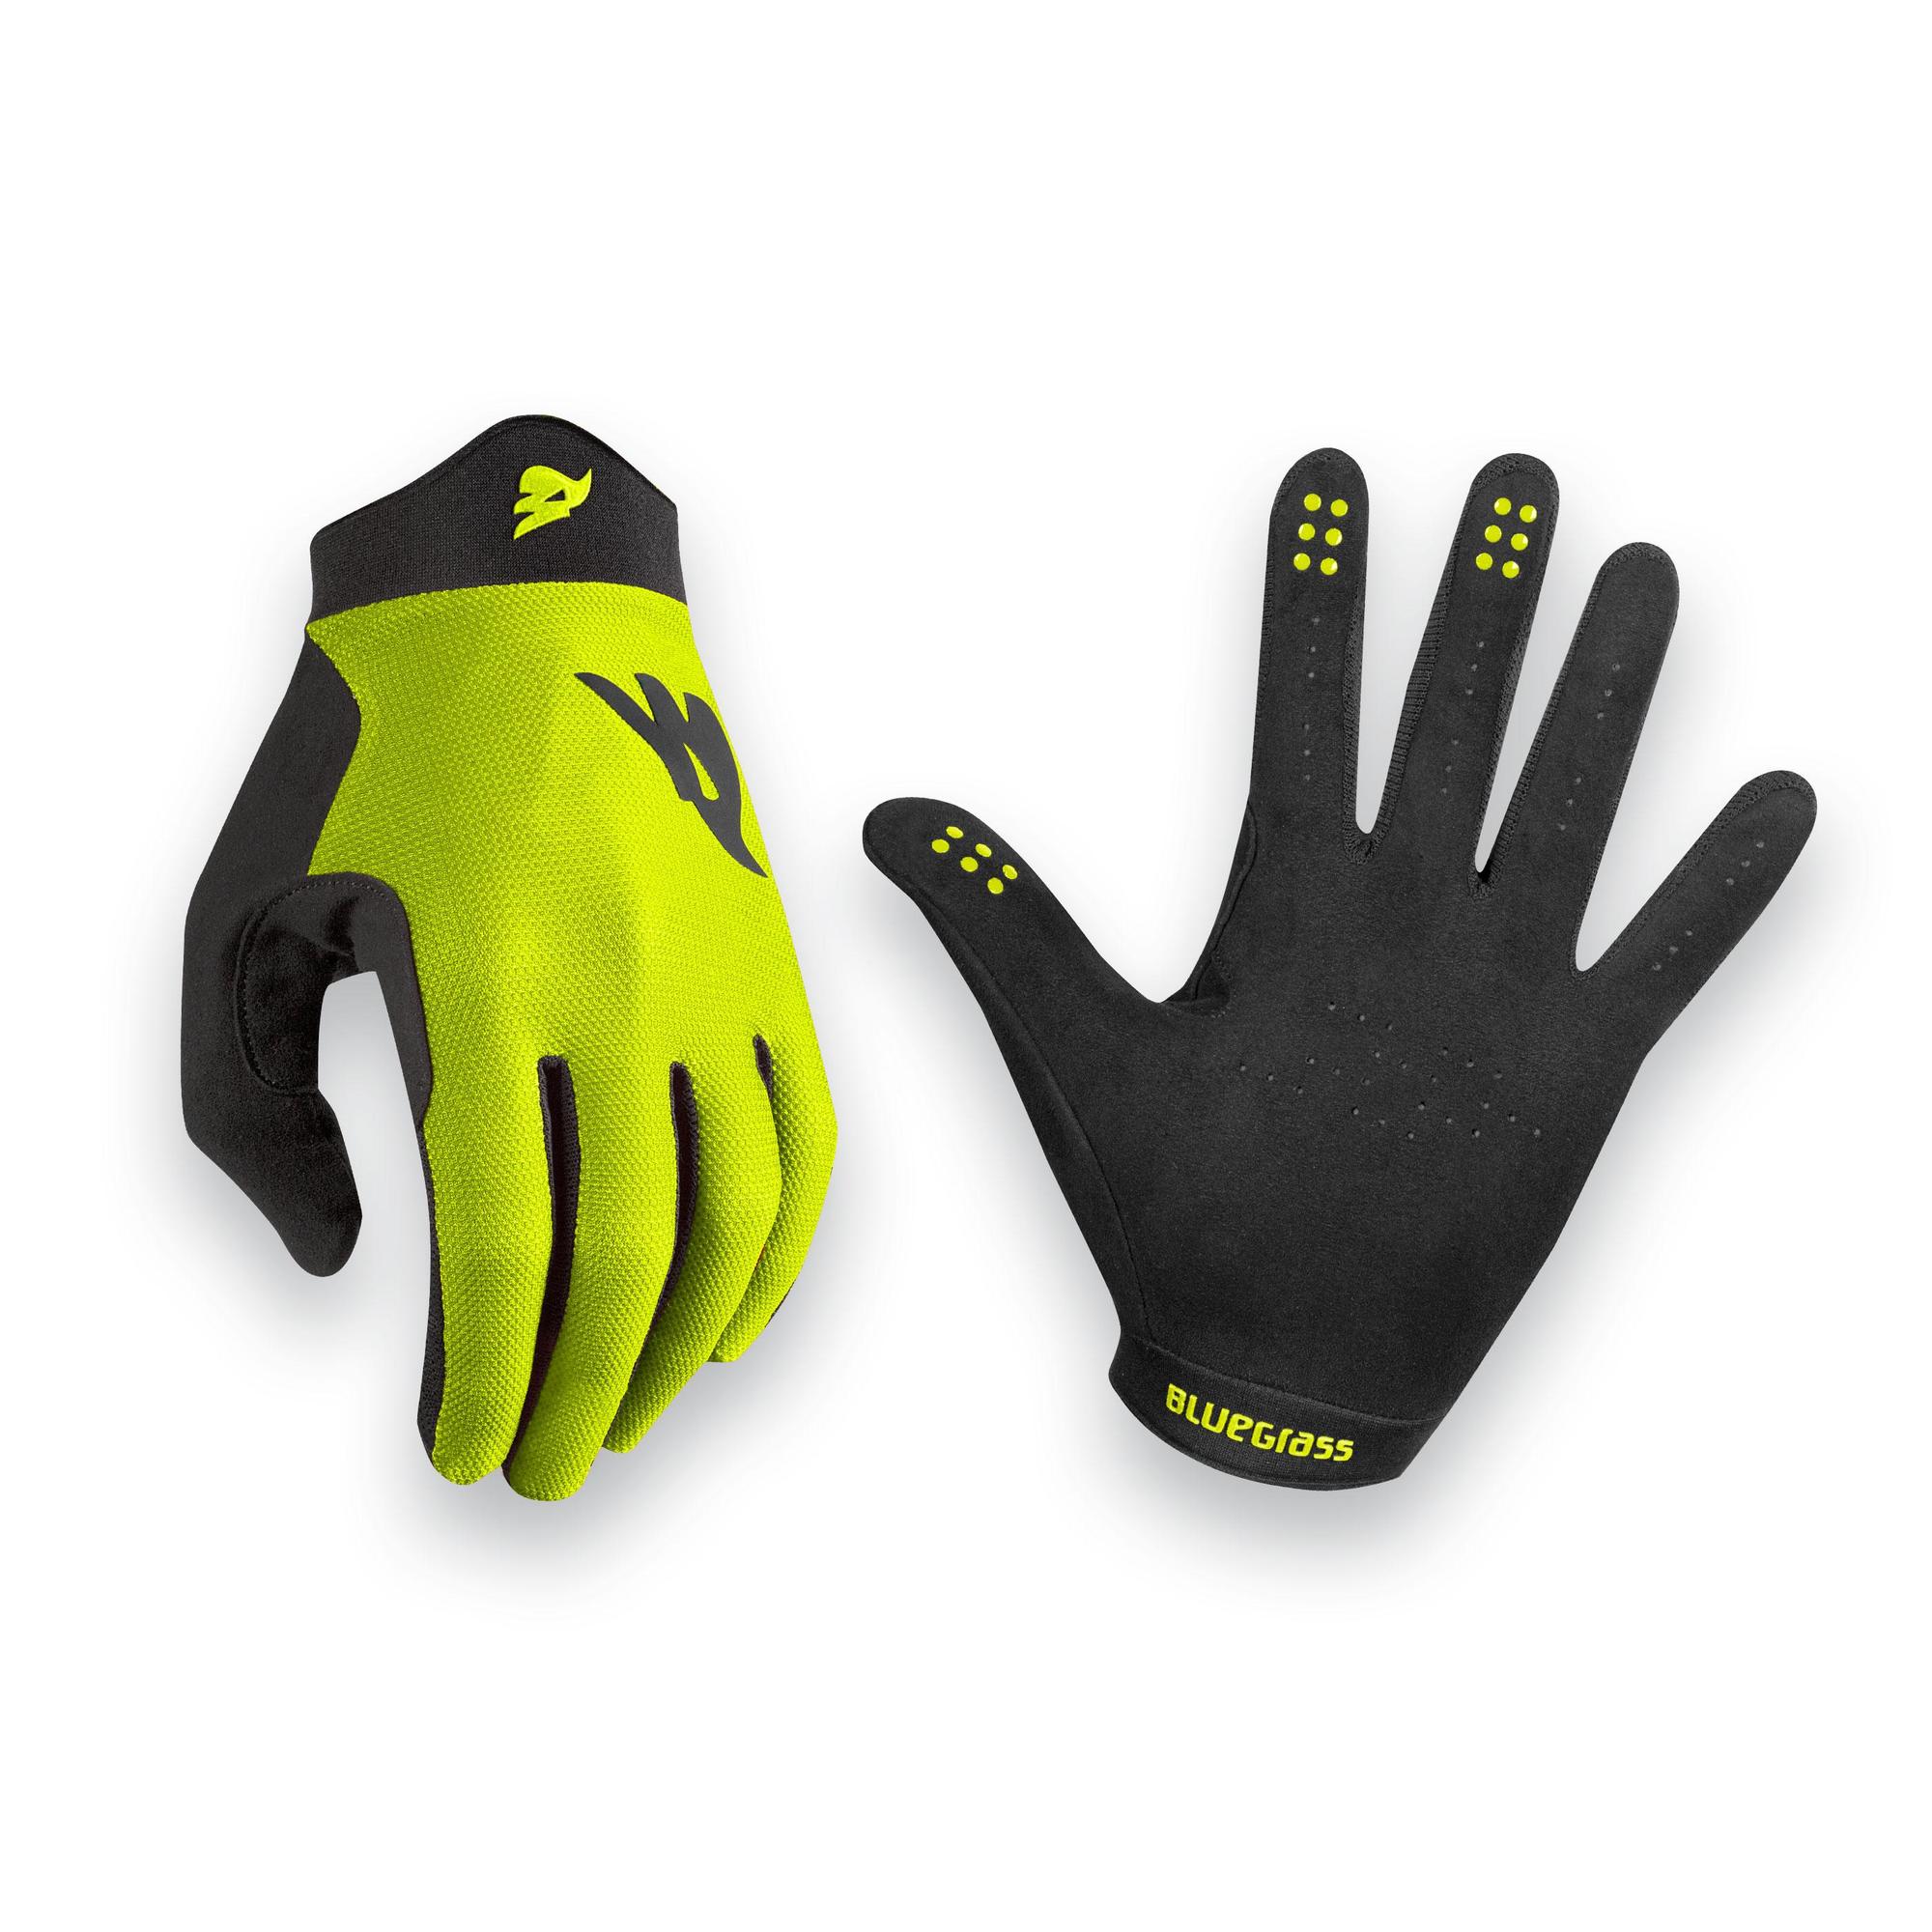 Bluegrass Union Handschuhe Fluo Yellow